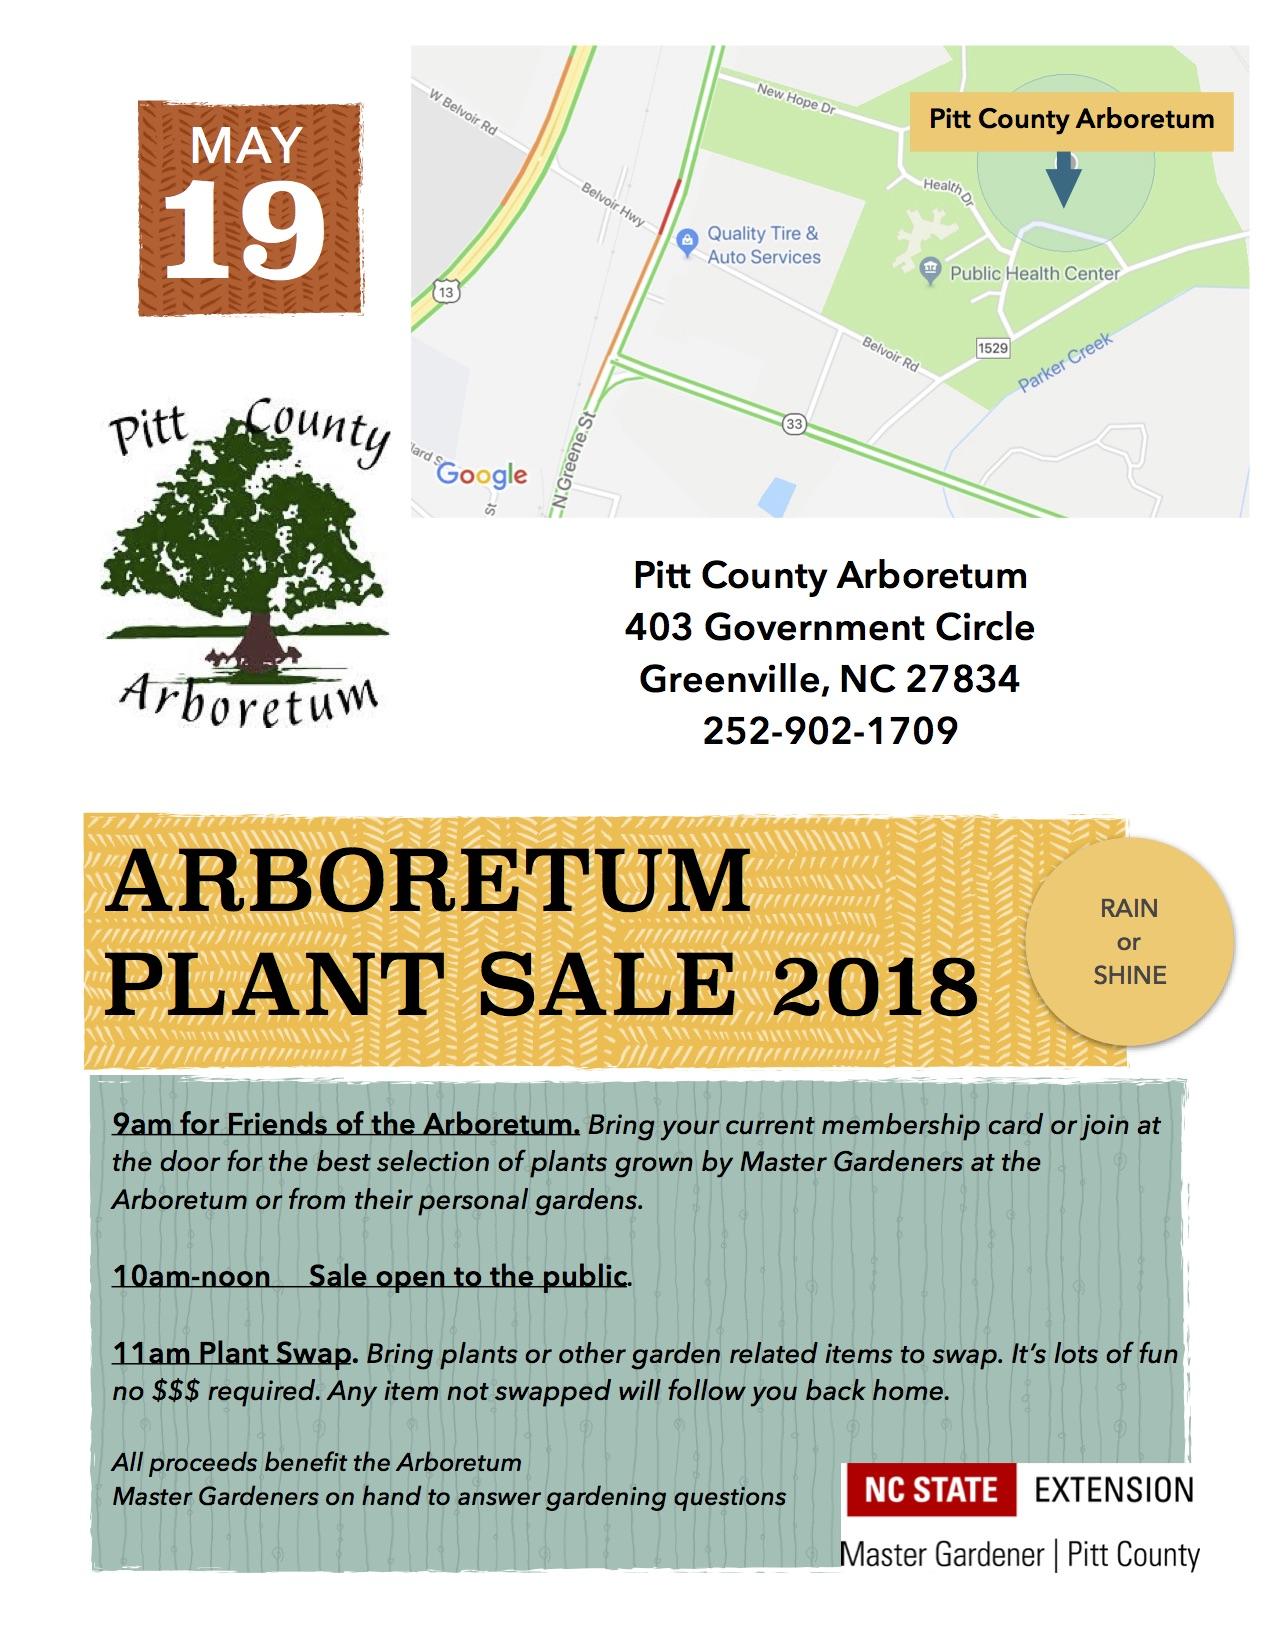 Pitt Plant Sale flyer image